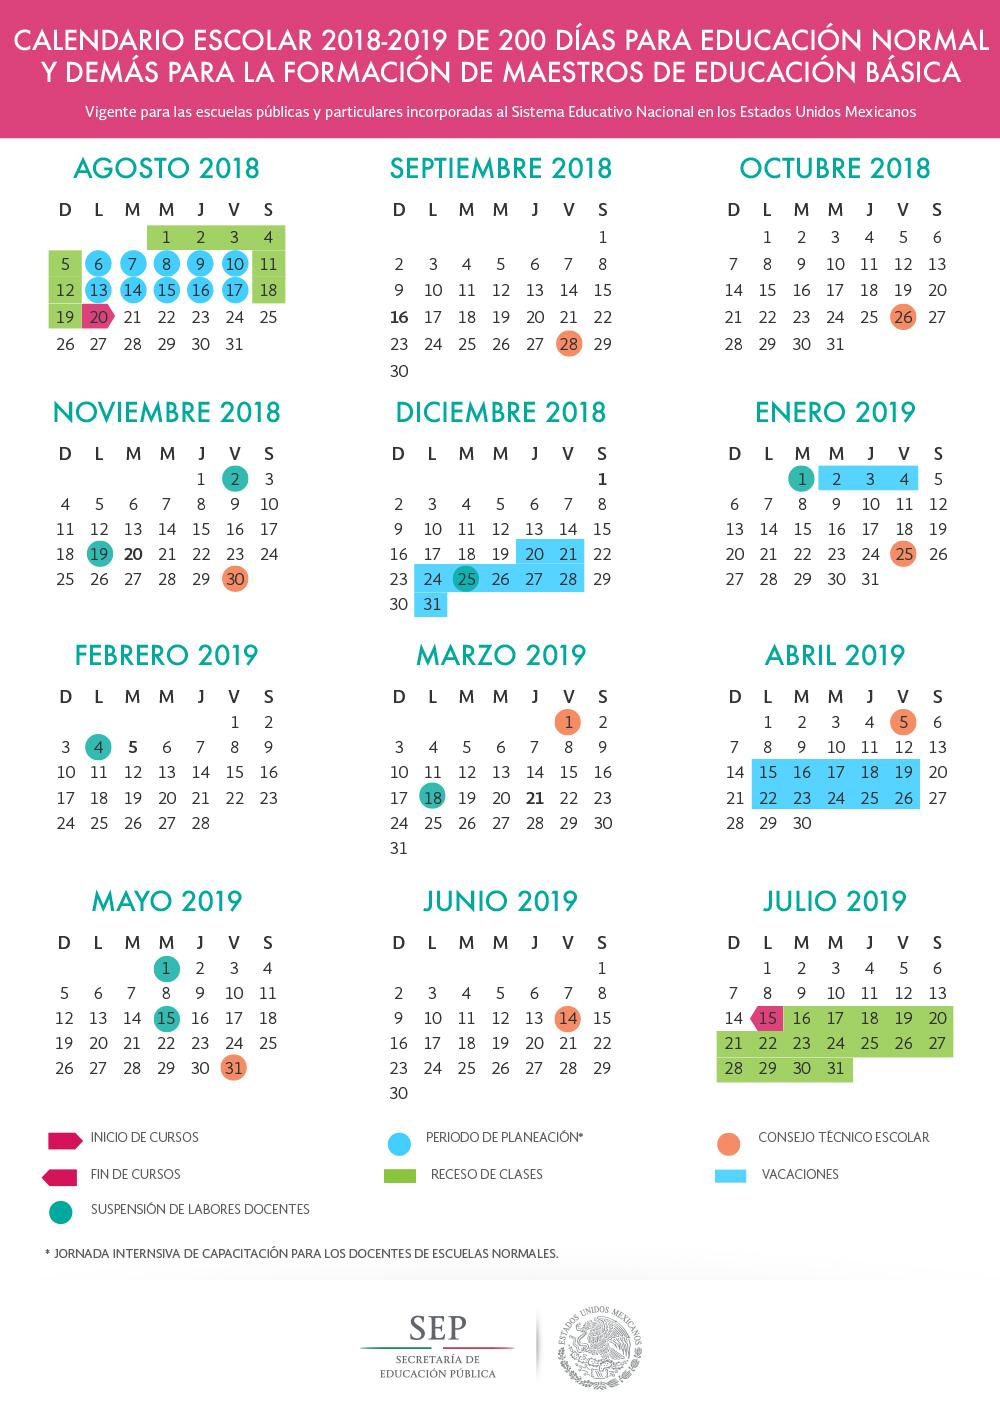 Calendario Escolar de 200 Días de 2018 - 2019 México